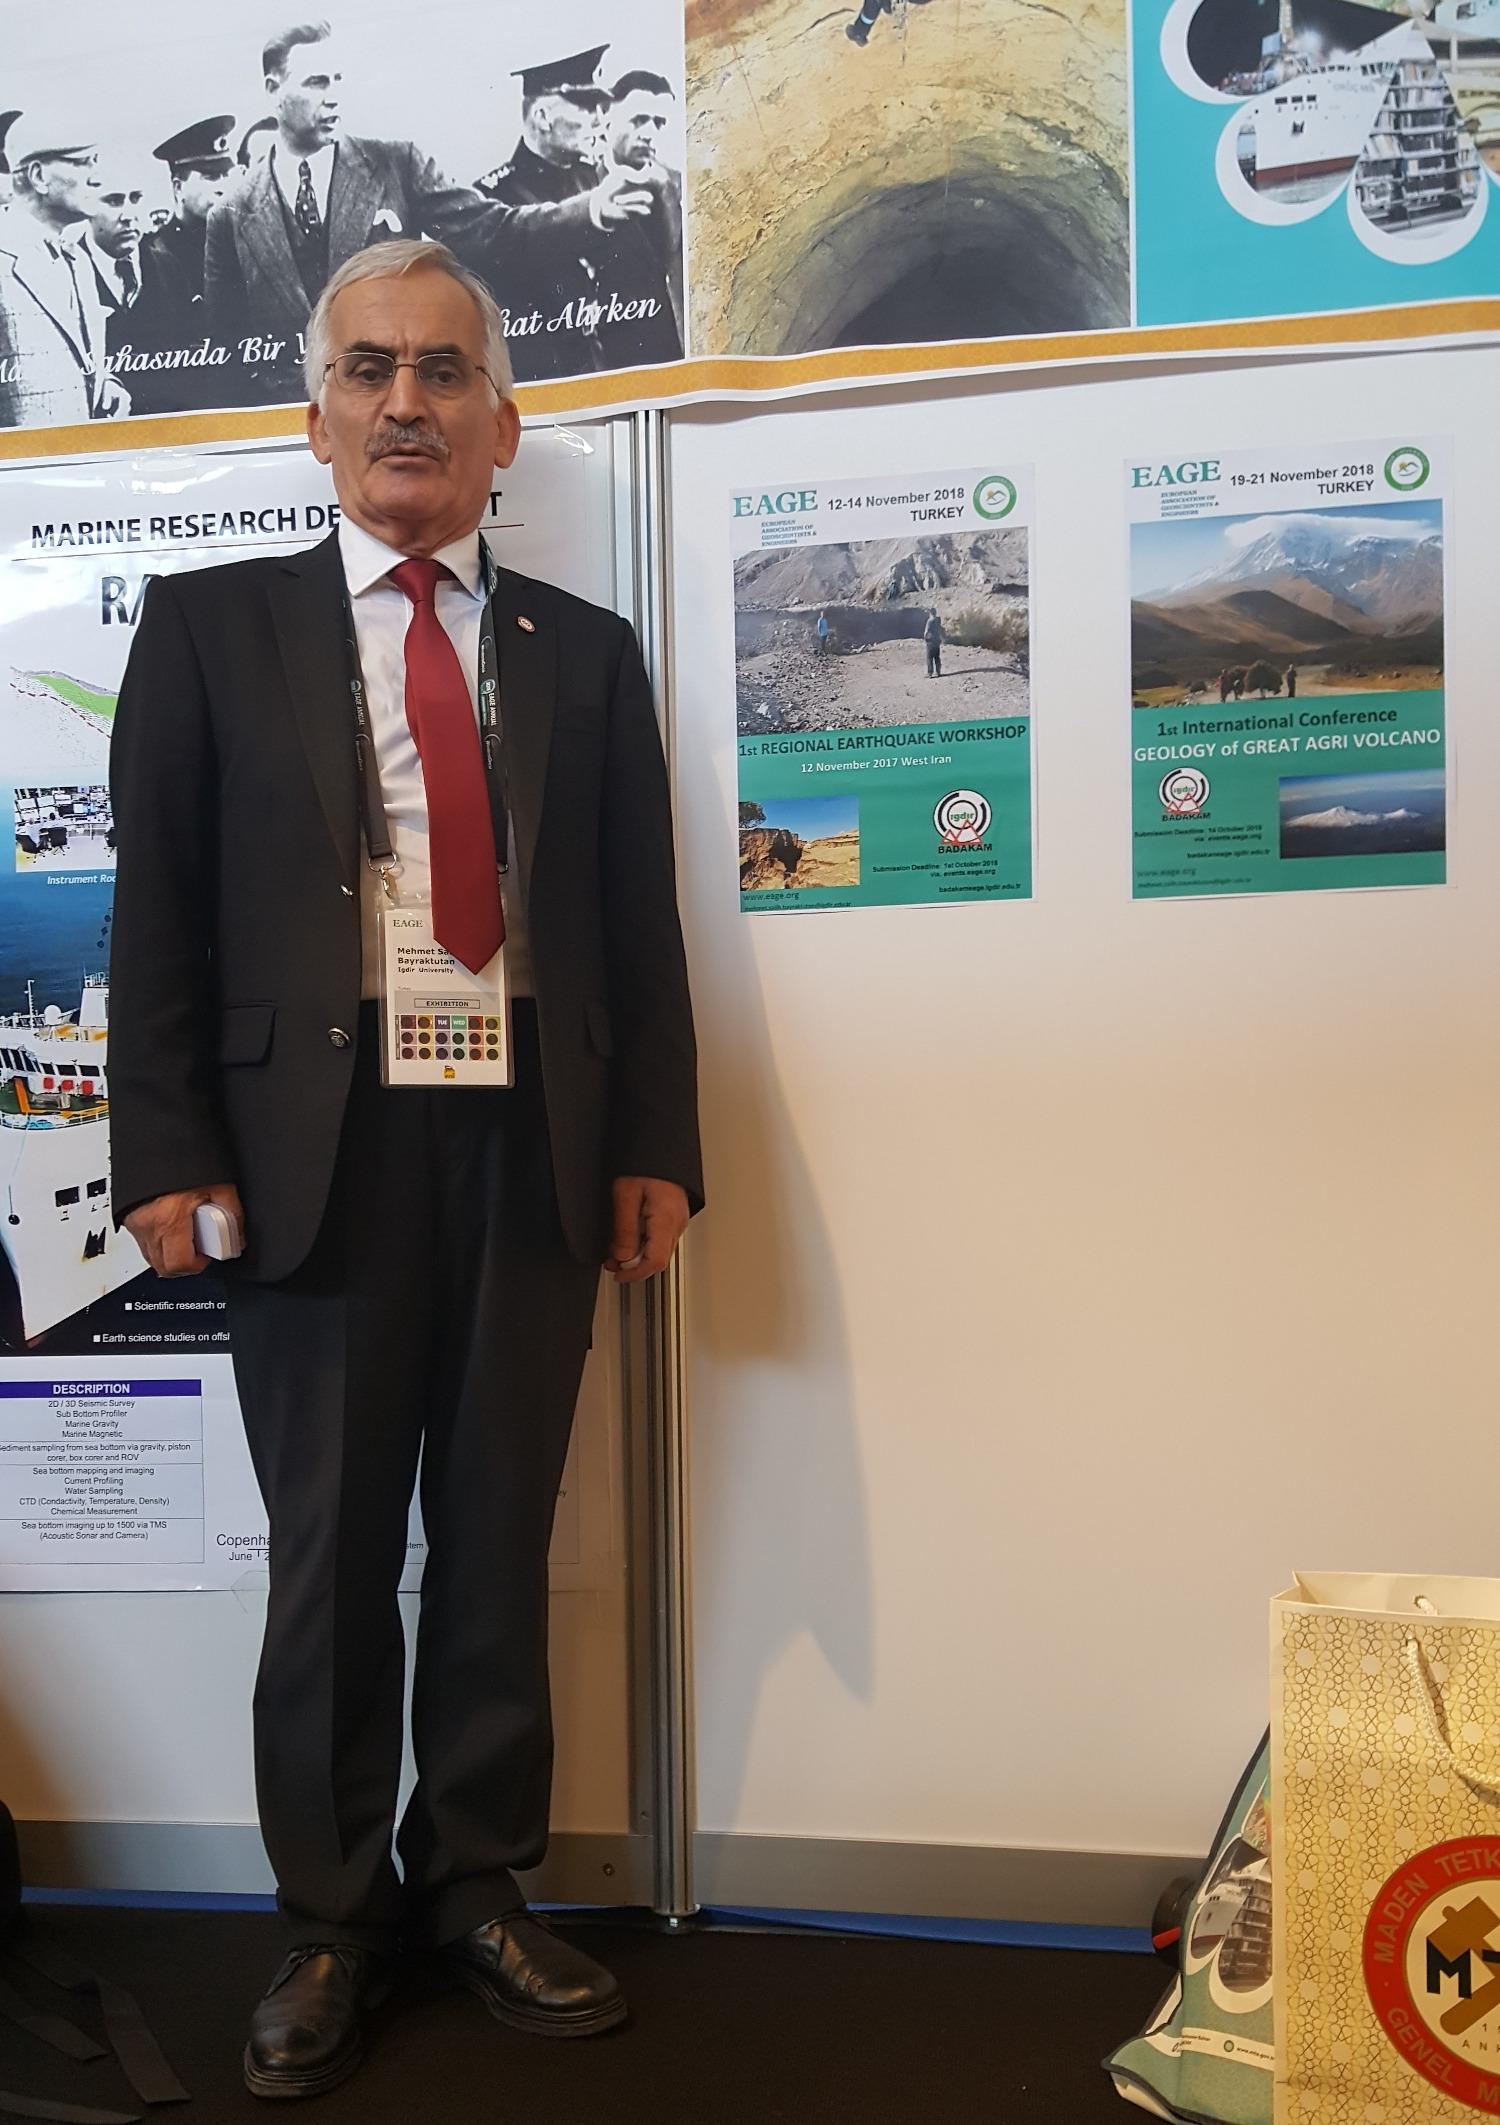 Üniversitemiz 80. Avrupa Yerbilimciler ve Mühendisler Birliği'nin (EAGE) Konferans ve Sergisinde Temsil Edildi